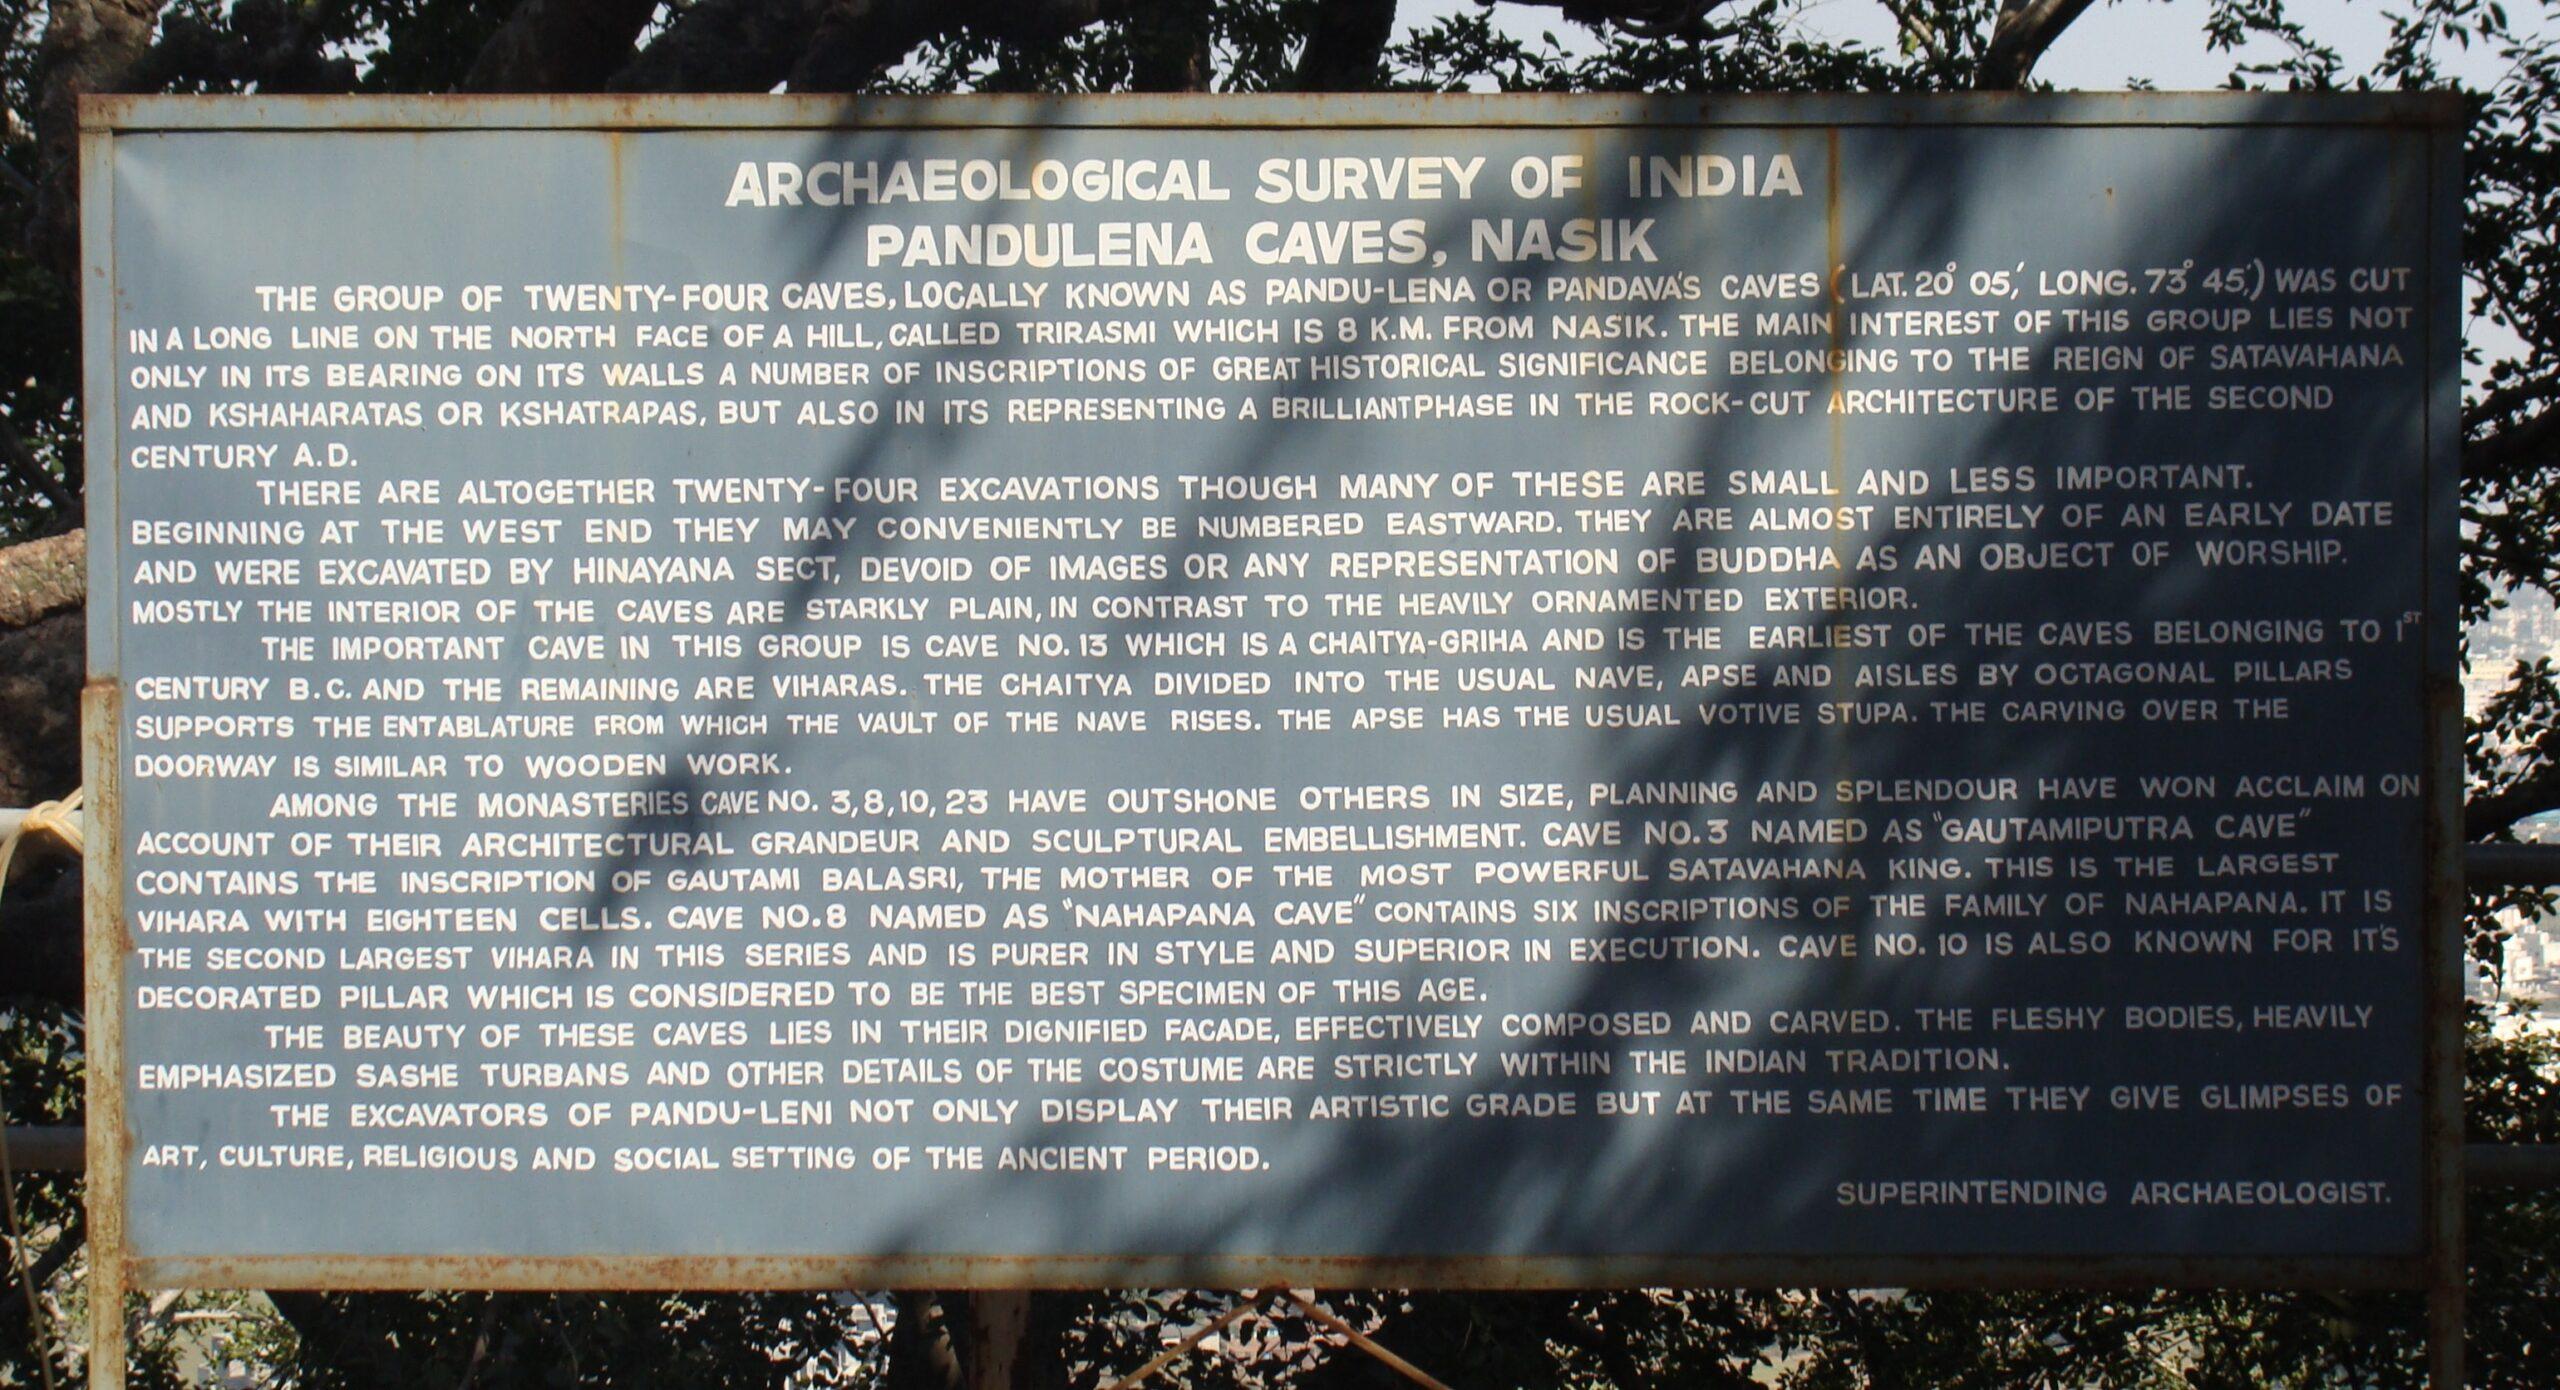 History of Pandulena Caves (Nashik, Maharashtra, India)